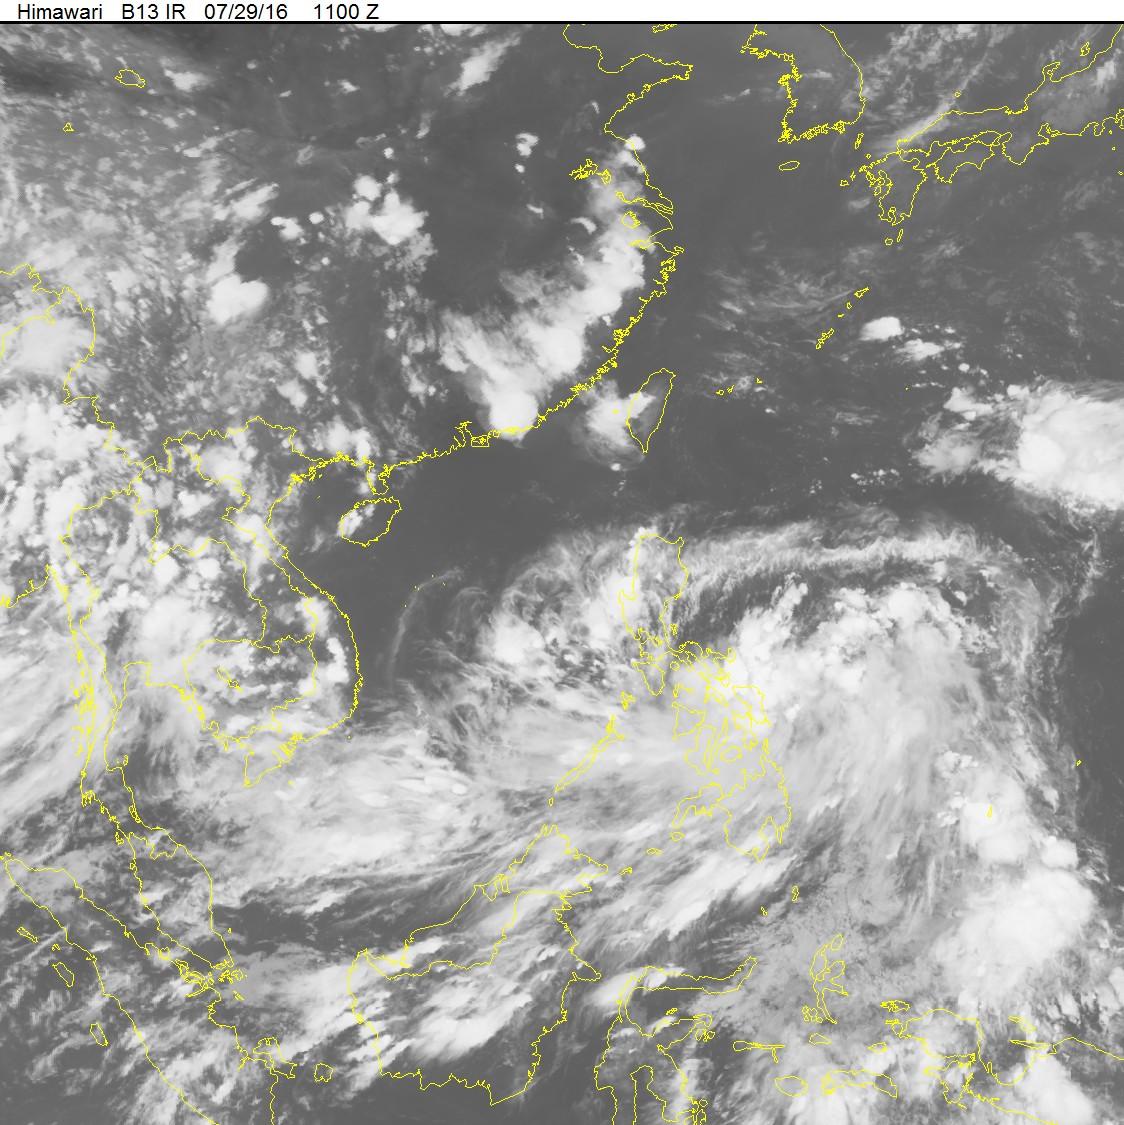 Áp thấp nhiệt đới mạnh cấp 9 hướng vào Biển Đông 1